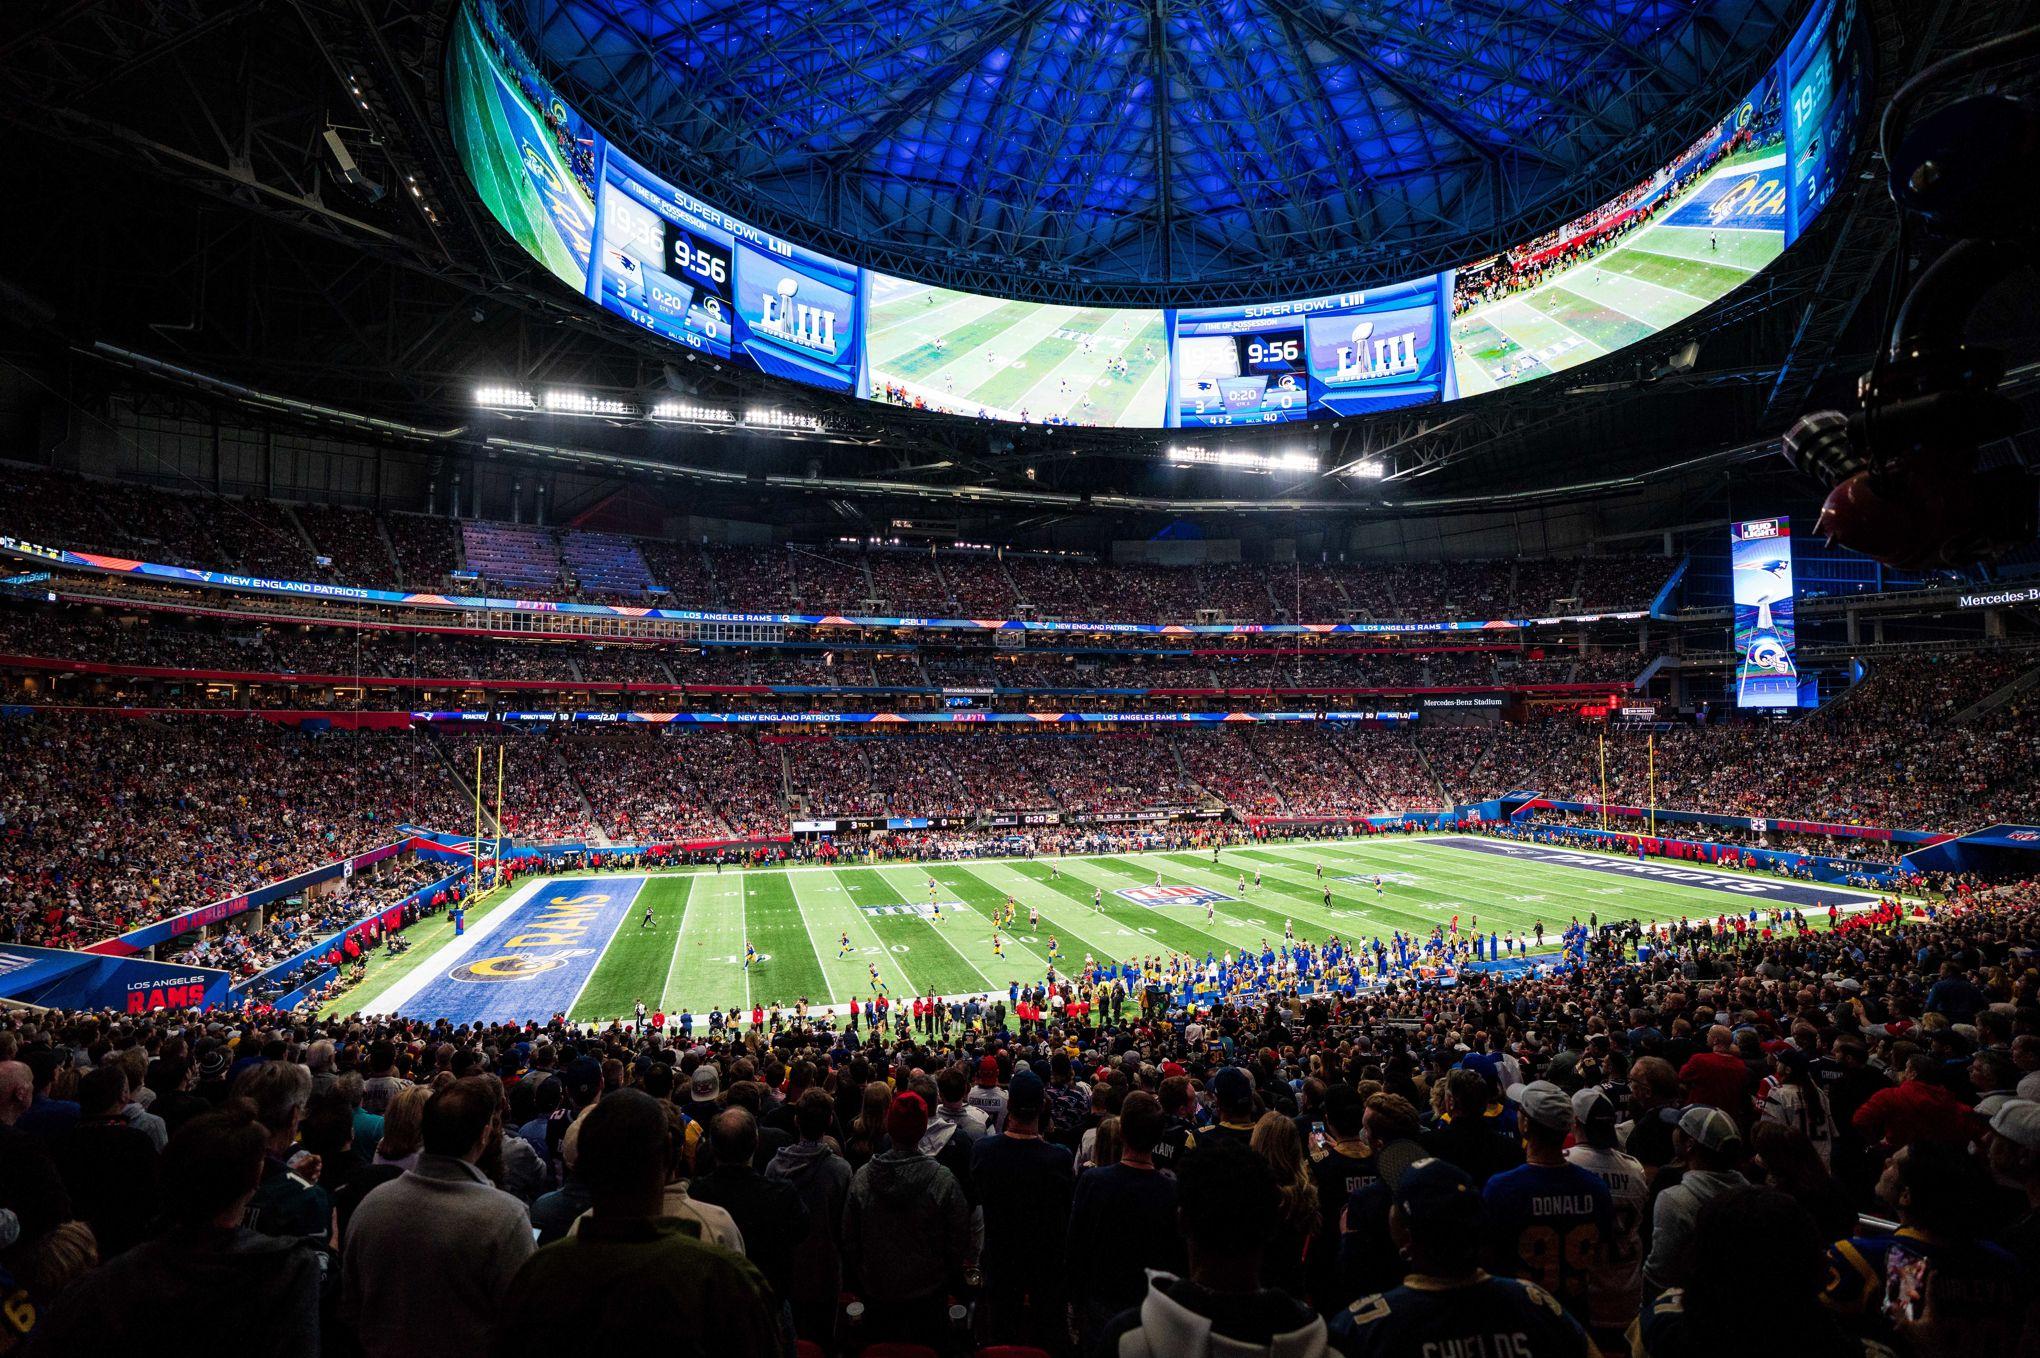 Donald Trump et Michael Bloomberg se battent au Super Bowl